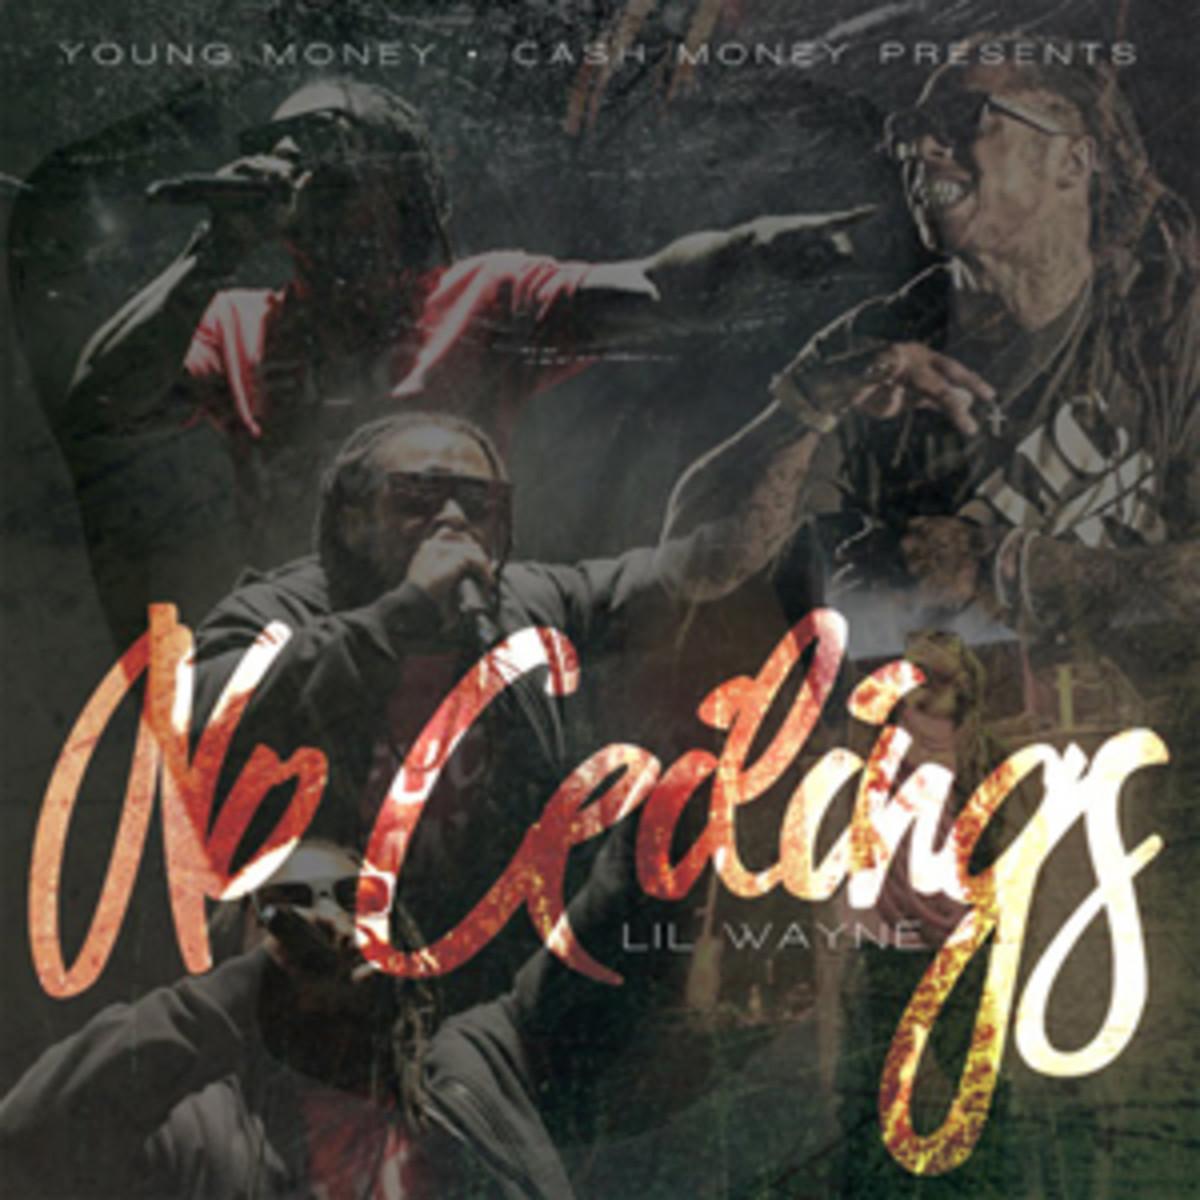 No Ceilings Mixtape Cover